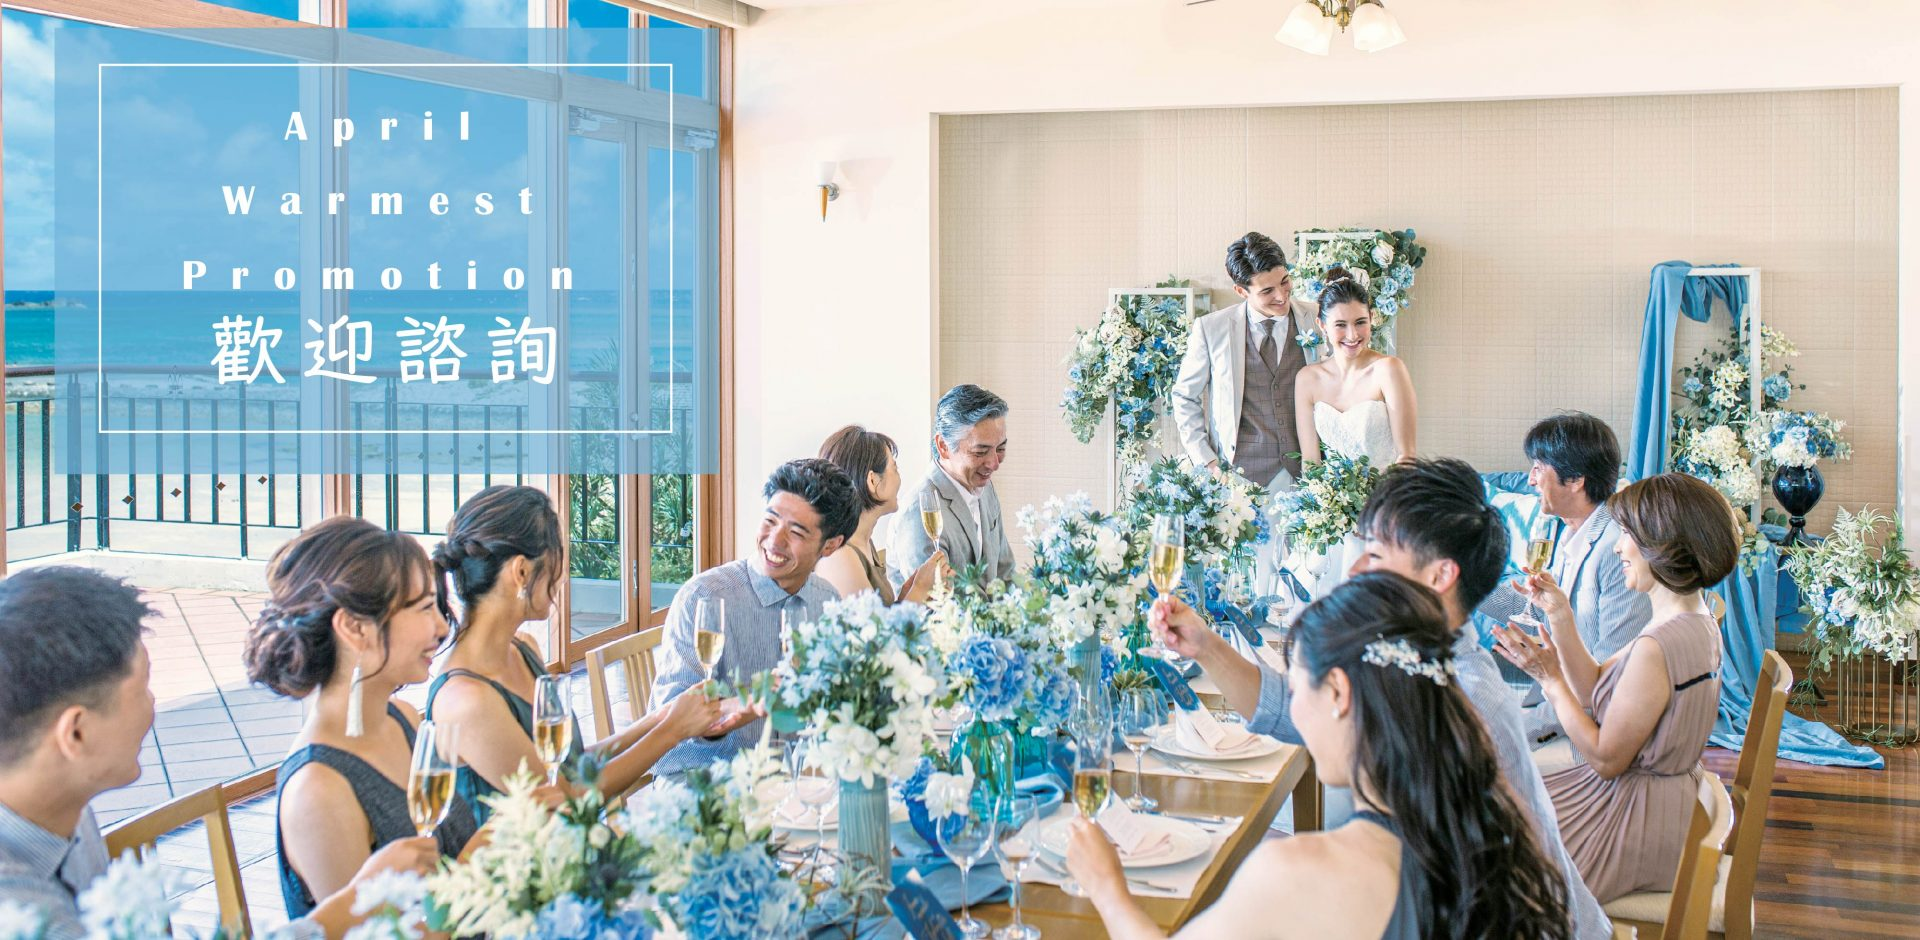 4月限定: 沖繩人氣3大教堂窩心優惠精選